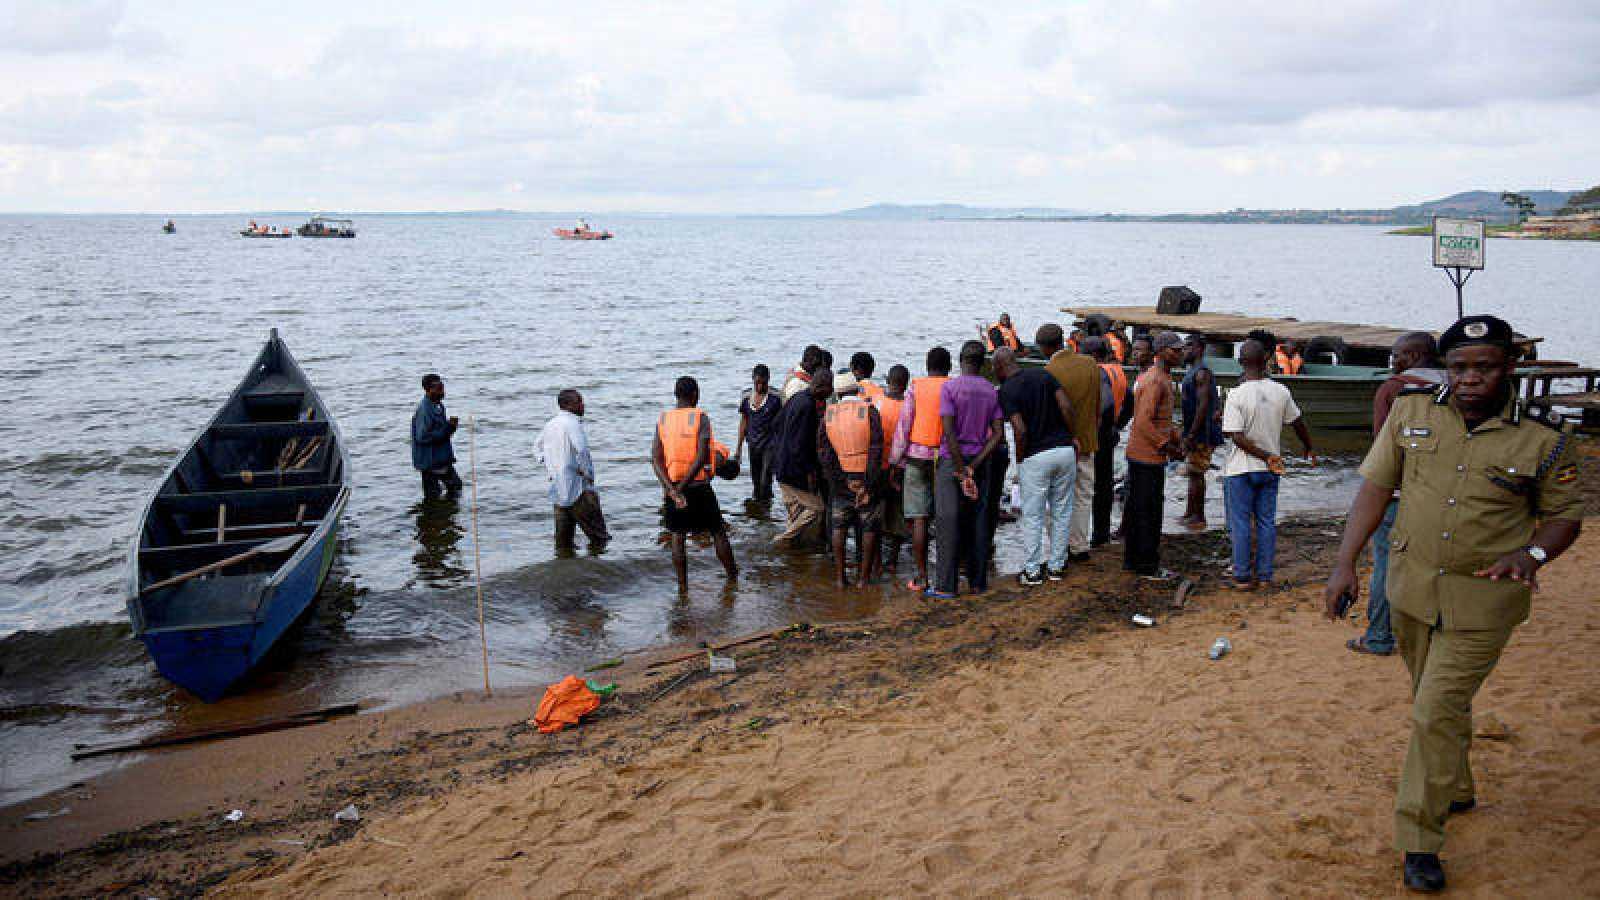 Mueren al menos 23 personas en el naufragio de una embarcación de lujo en el Lago Victoria